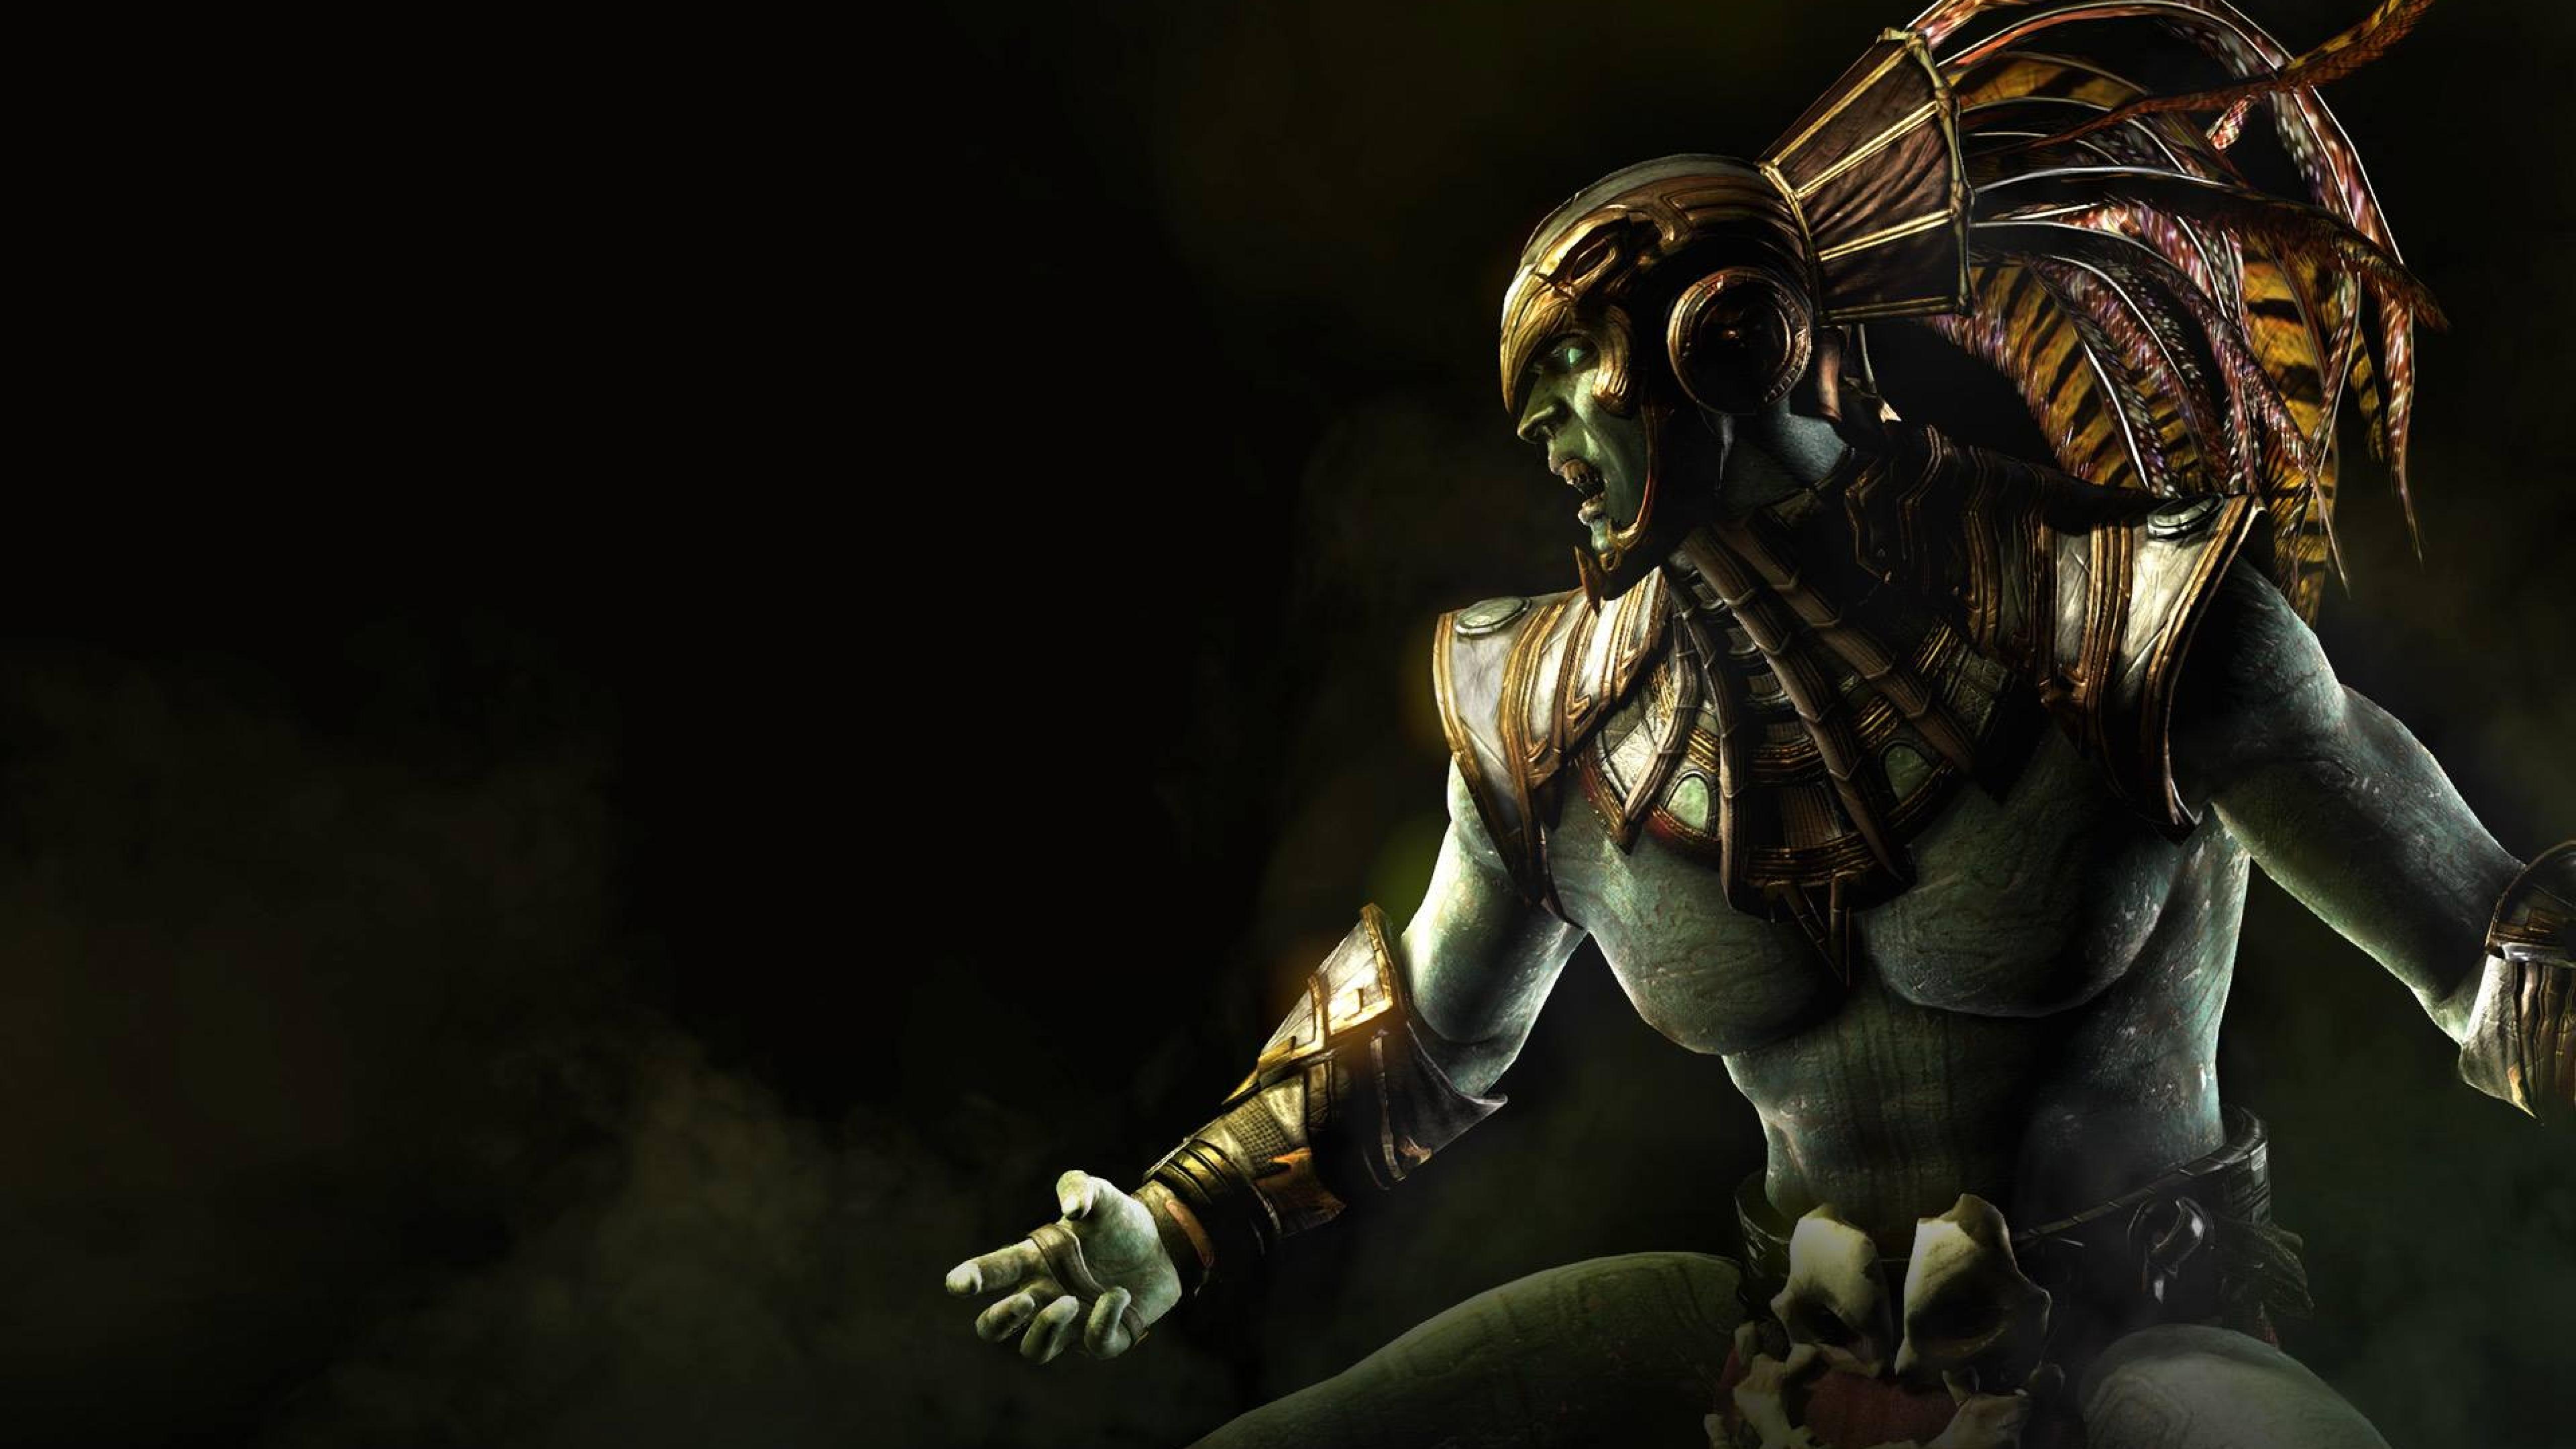 5120x2880 Kotal Kahn Mortal Kombat X Osh Tekk 5k Wallpaper Hd